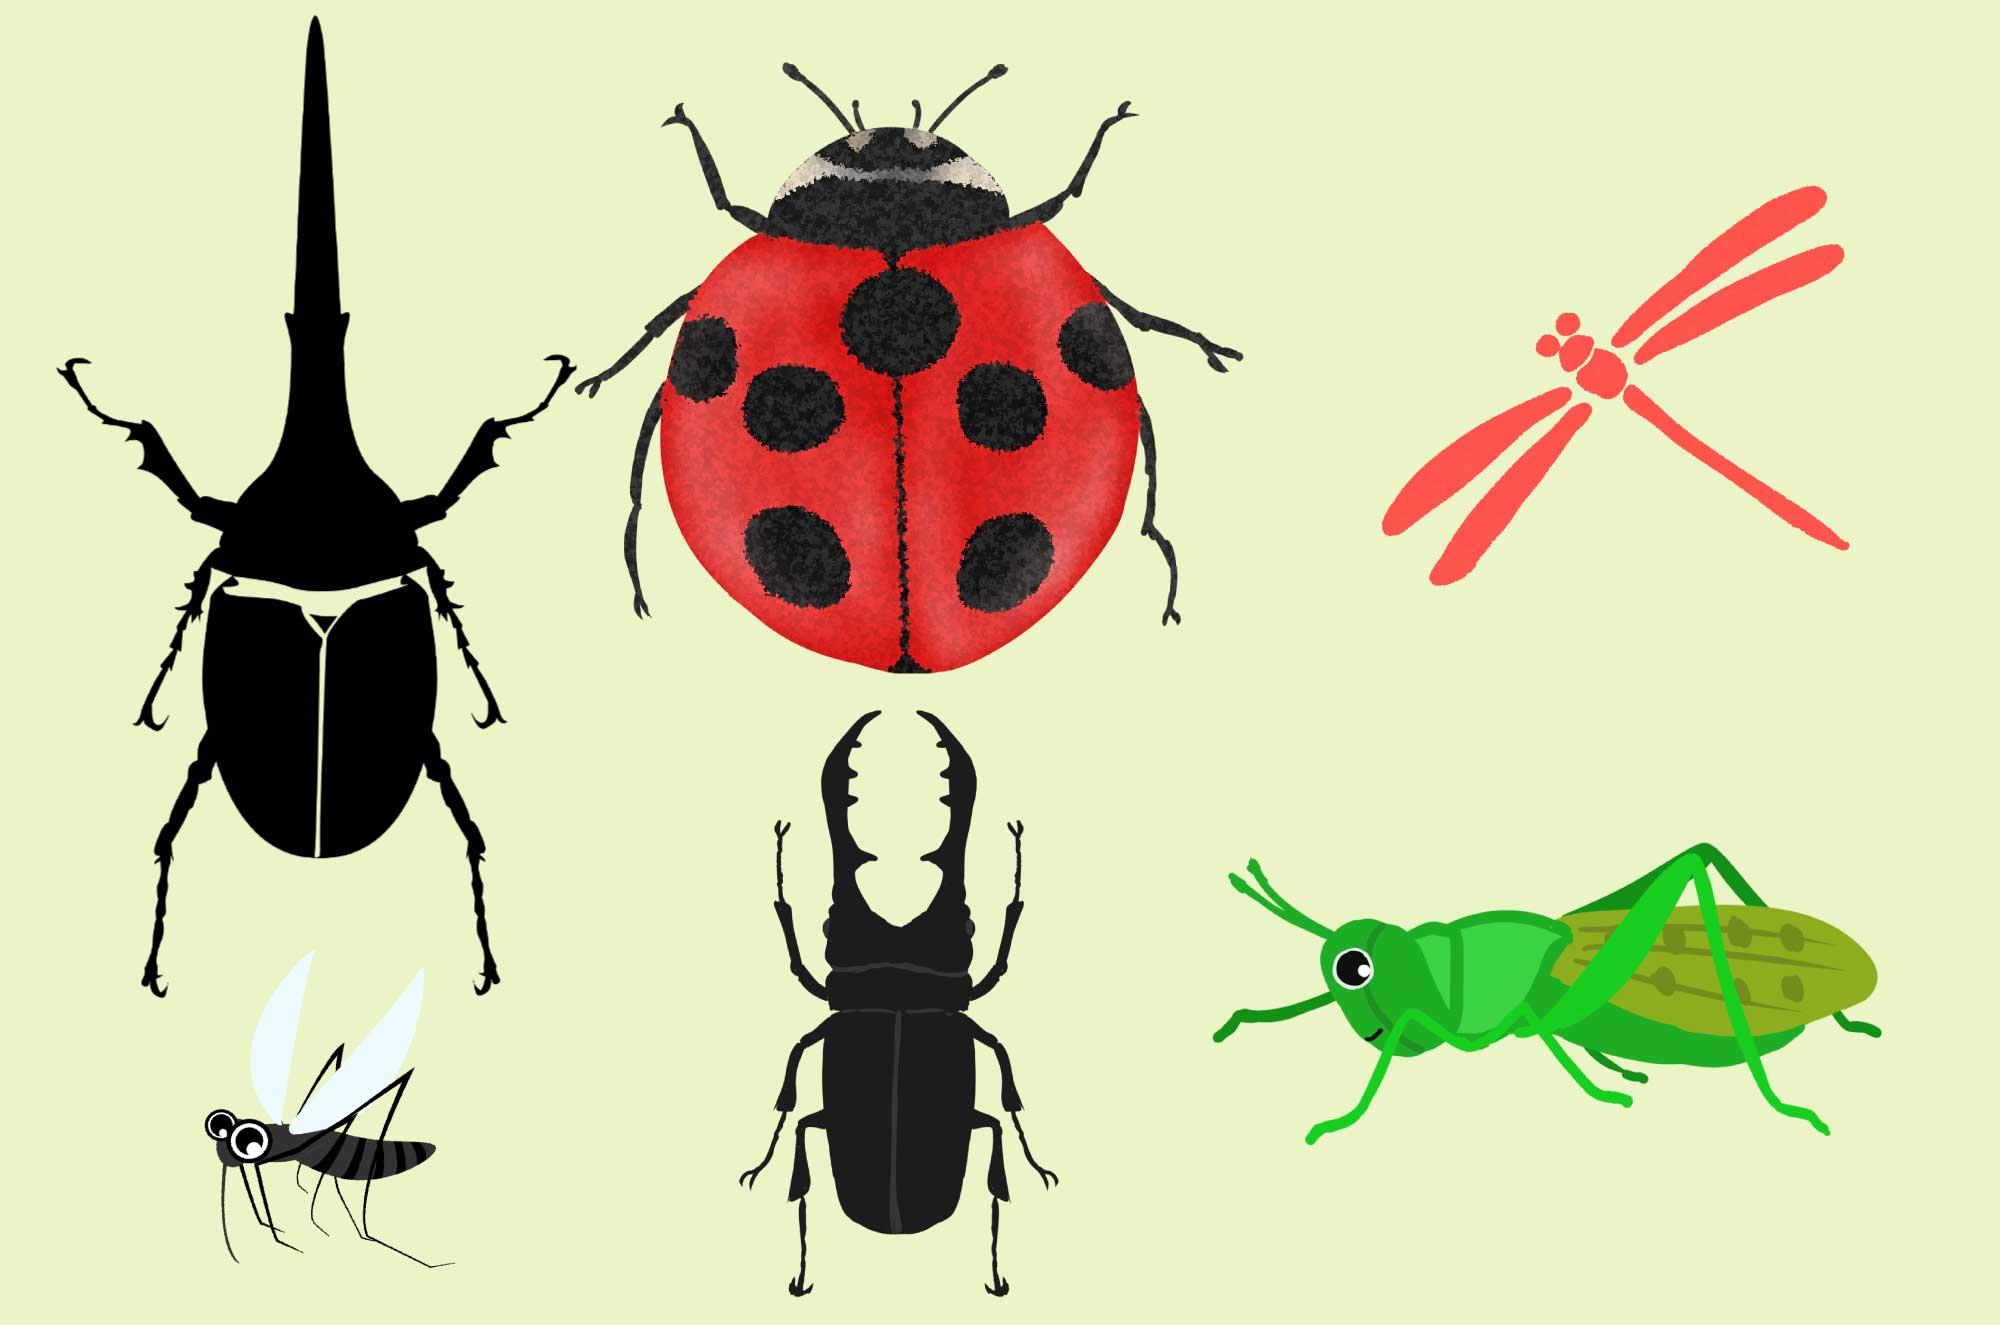 昆虫の無料イラスト - シンプルで可愛いフリー素材